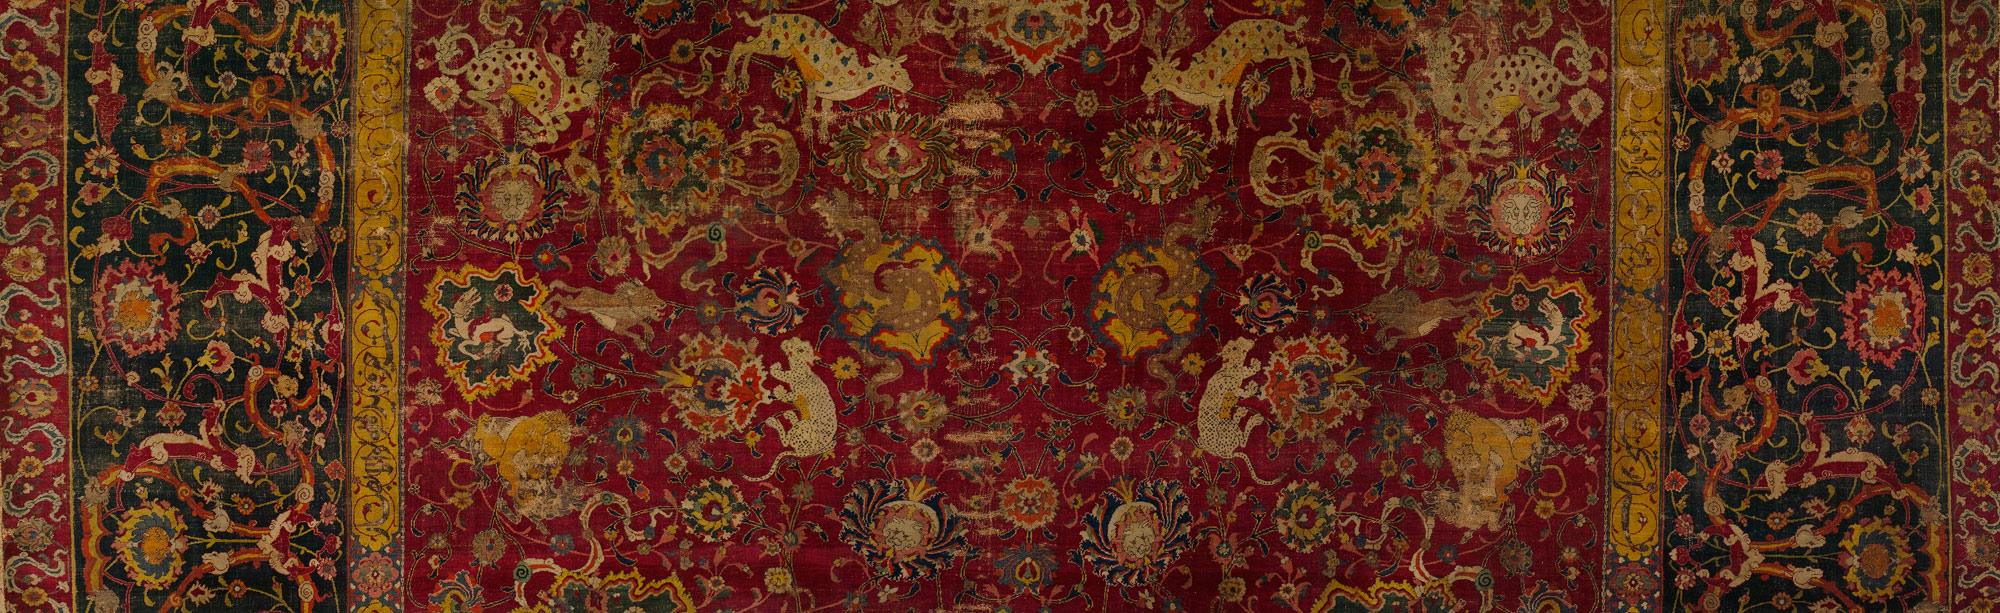 The Emperor S Carpet Work Of Art Heilbrunn Timeline Of